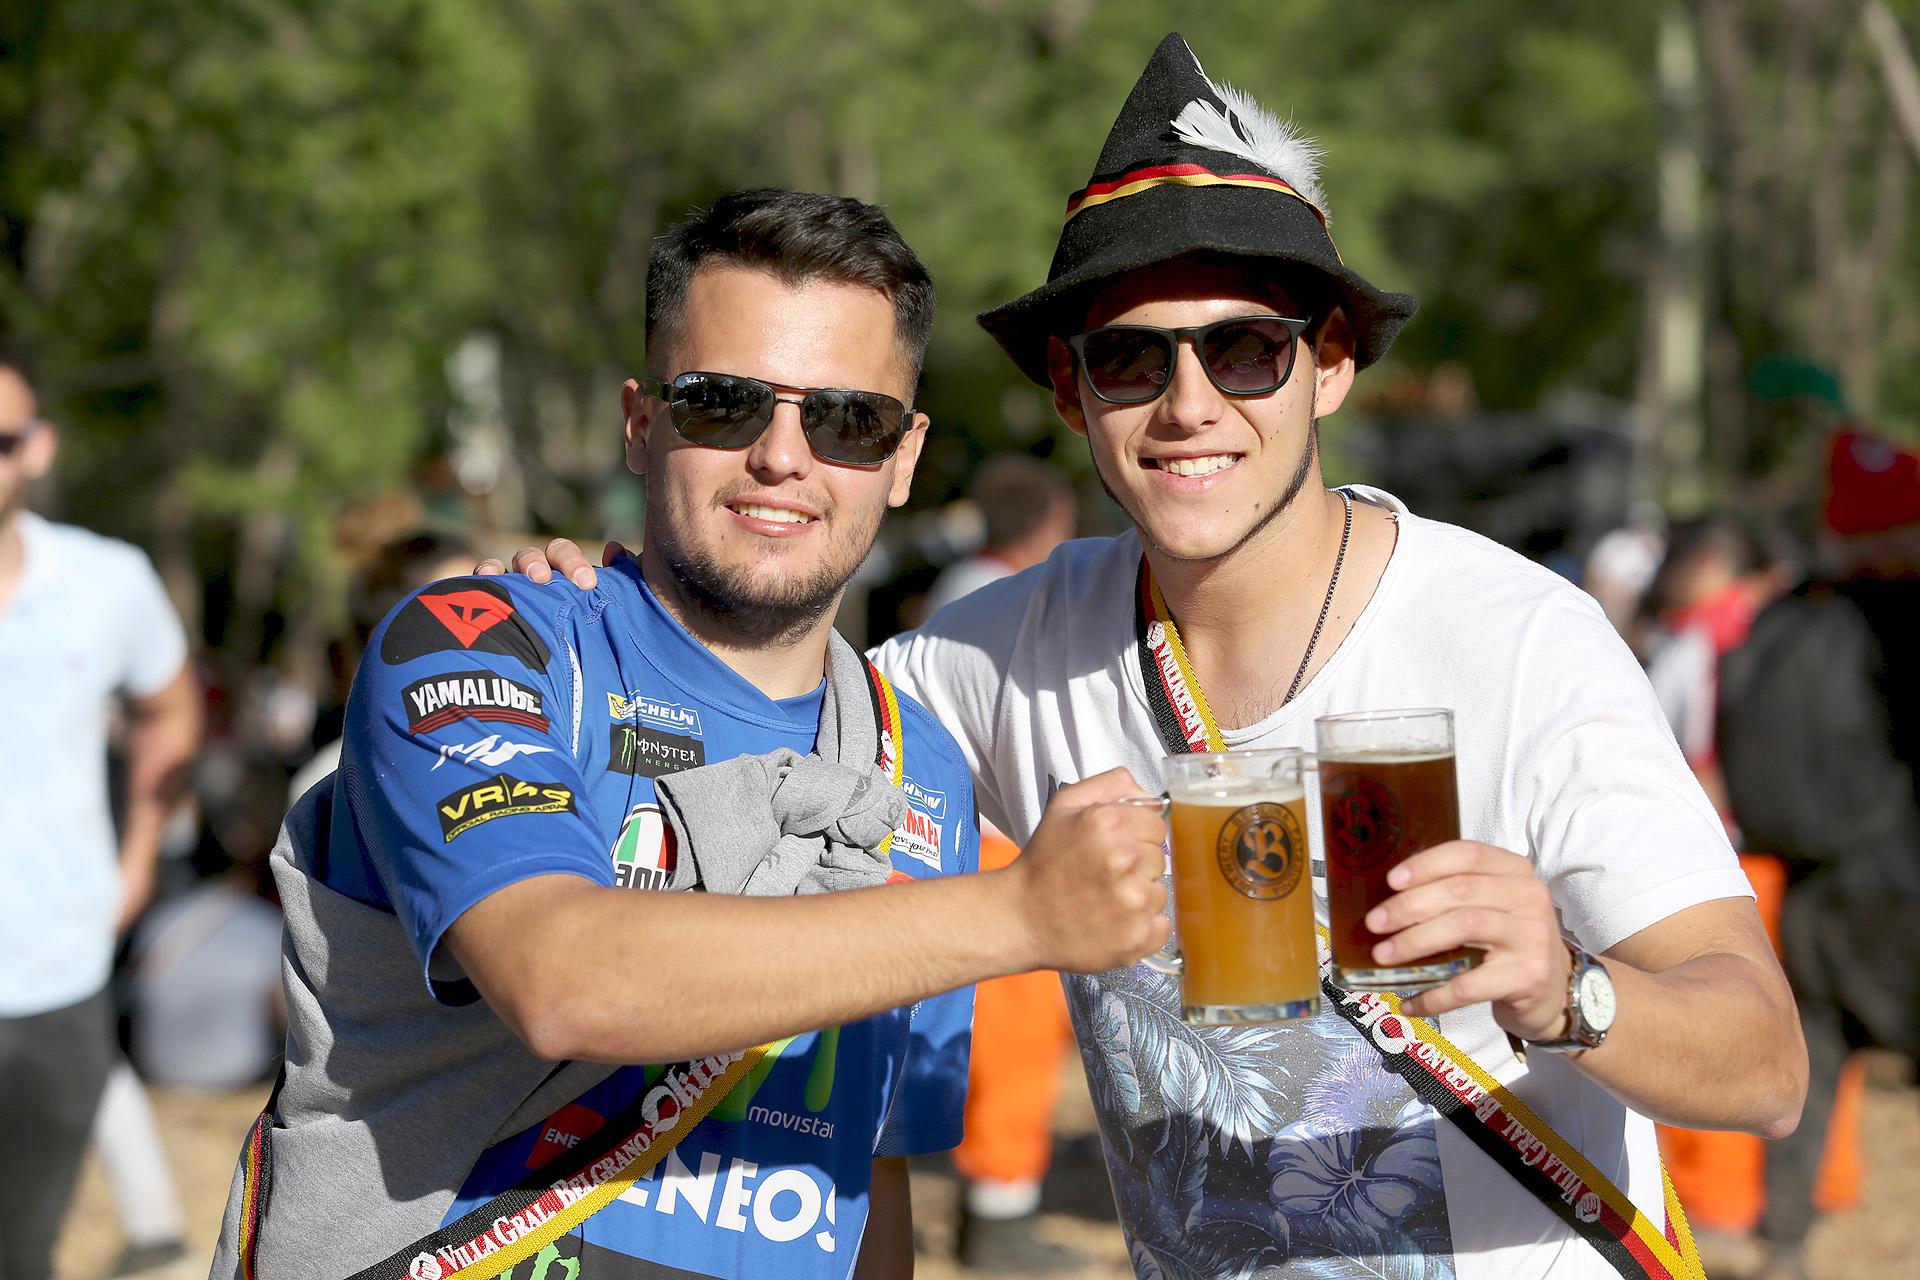 Compartir una cerveza entre amigos, una de las excusas para visitar el evento